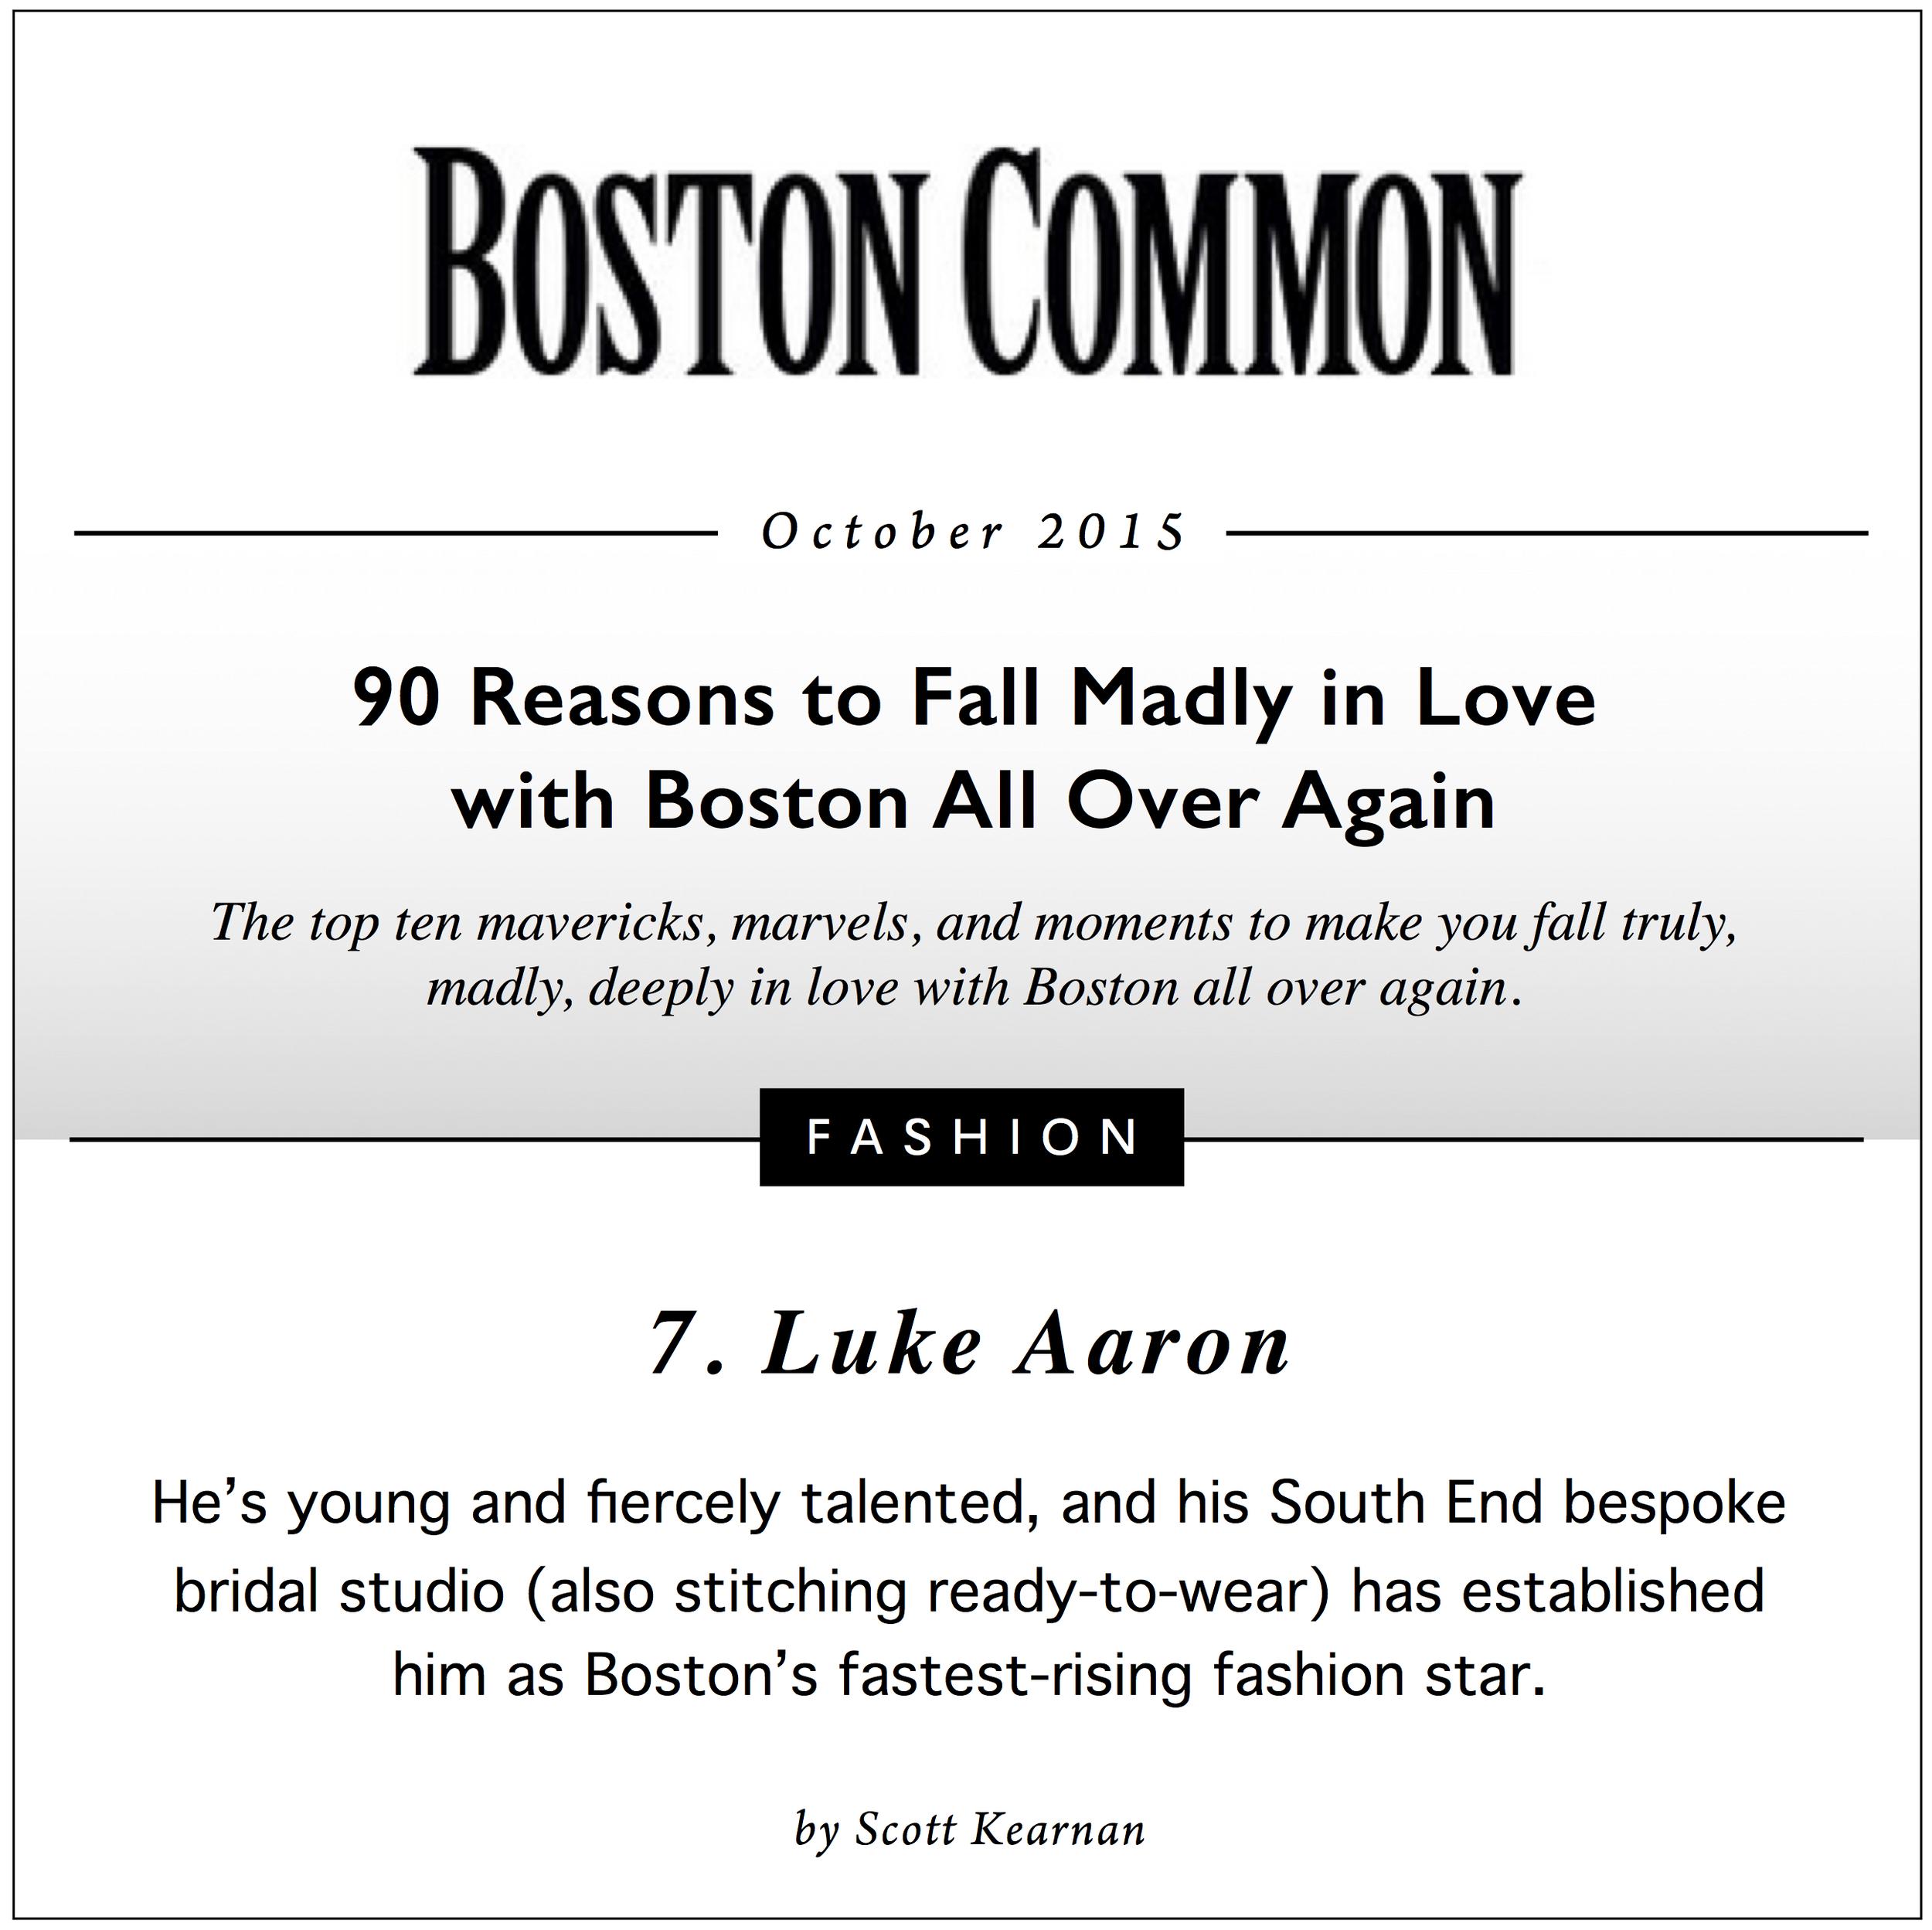 bostoncommon_oct15 copy.jpg